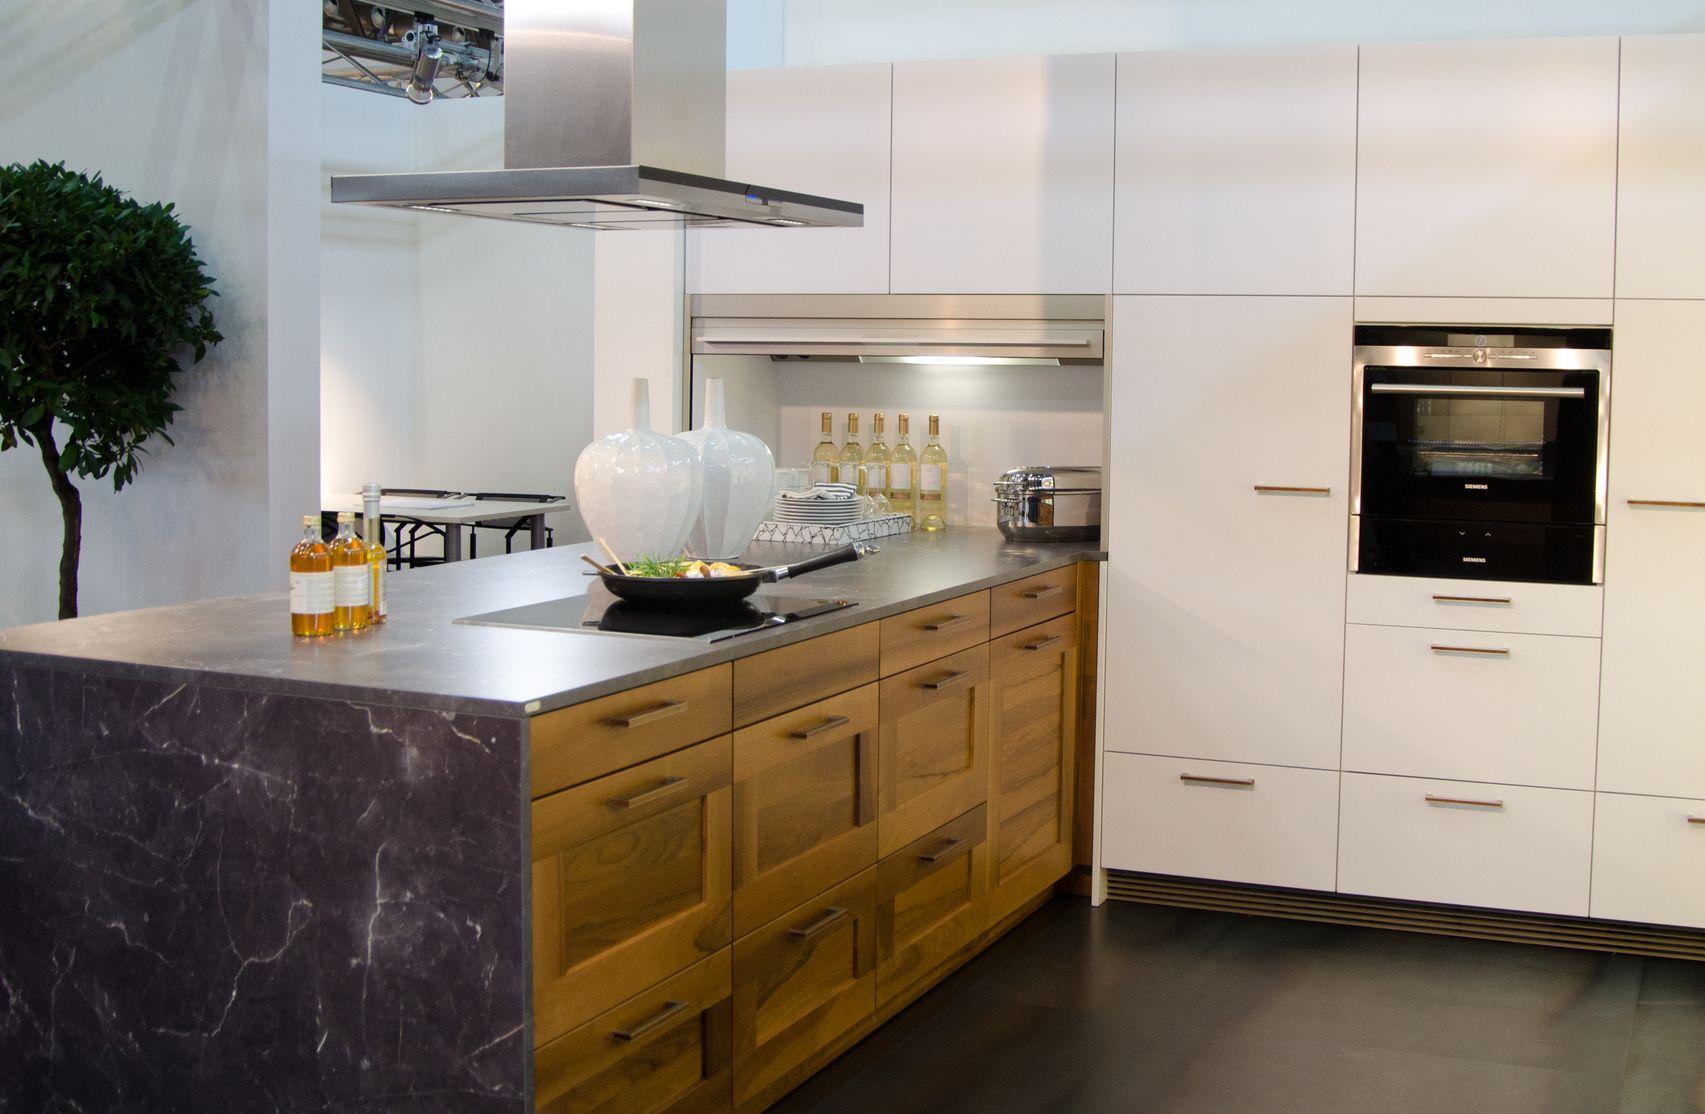 moderne einbauk che mit fronten in holzoptik holzk chen pinterest holz kuchen und holzoptik. Black Bedroom Furniture Sets. Home Design Ideas